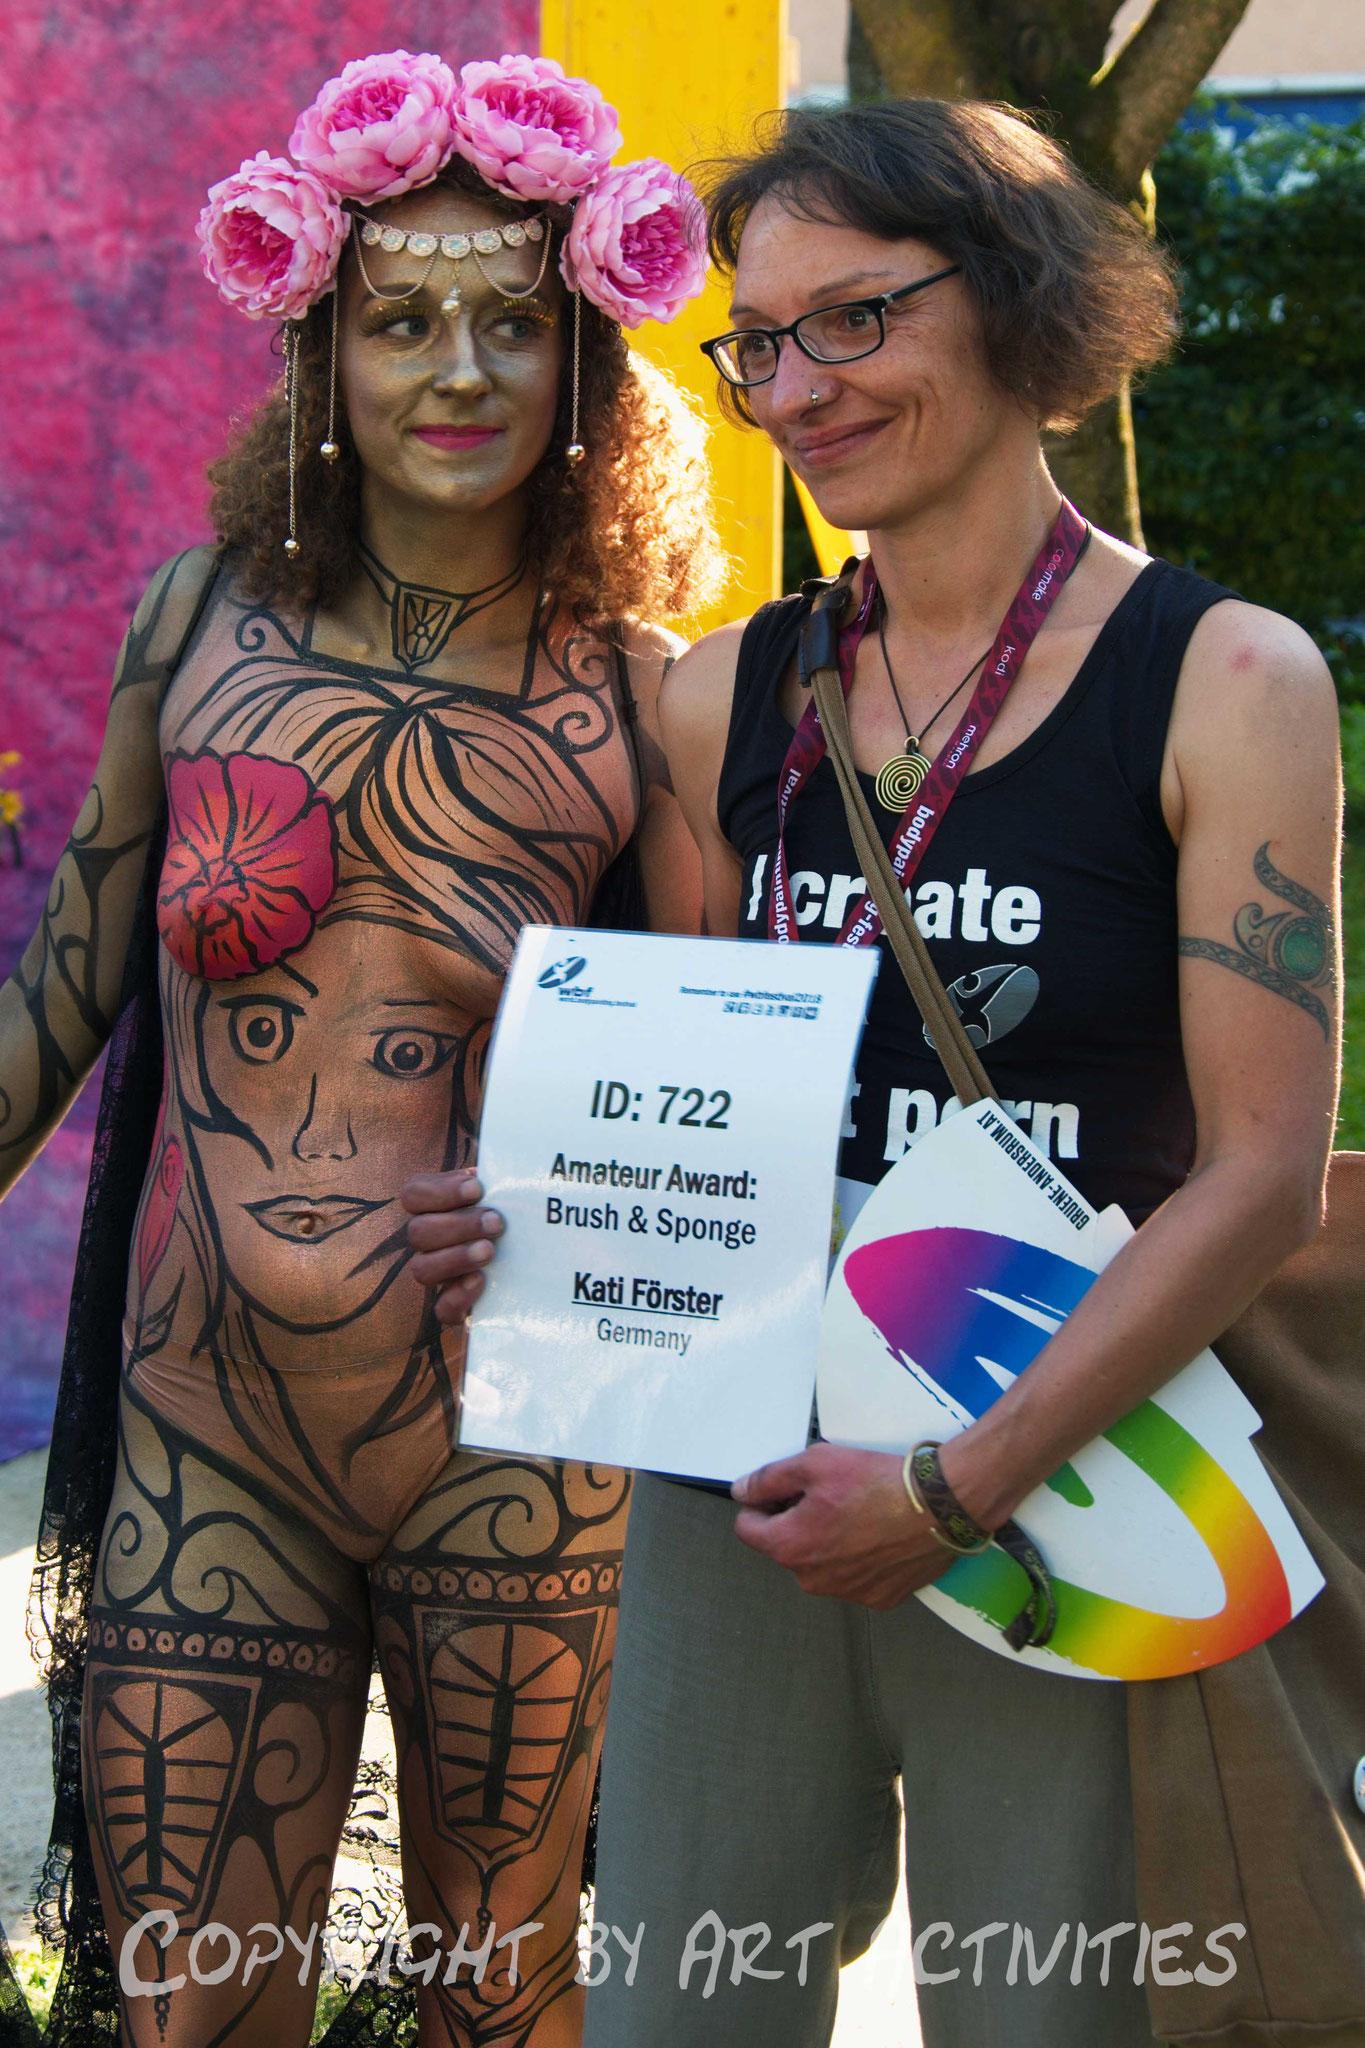 Teilnahme World Bodypainting Festival 2018, Amateur Award